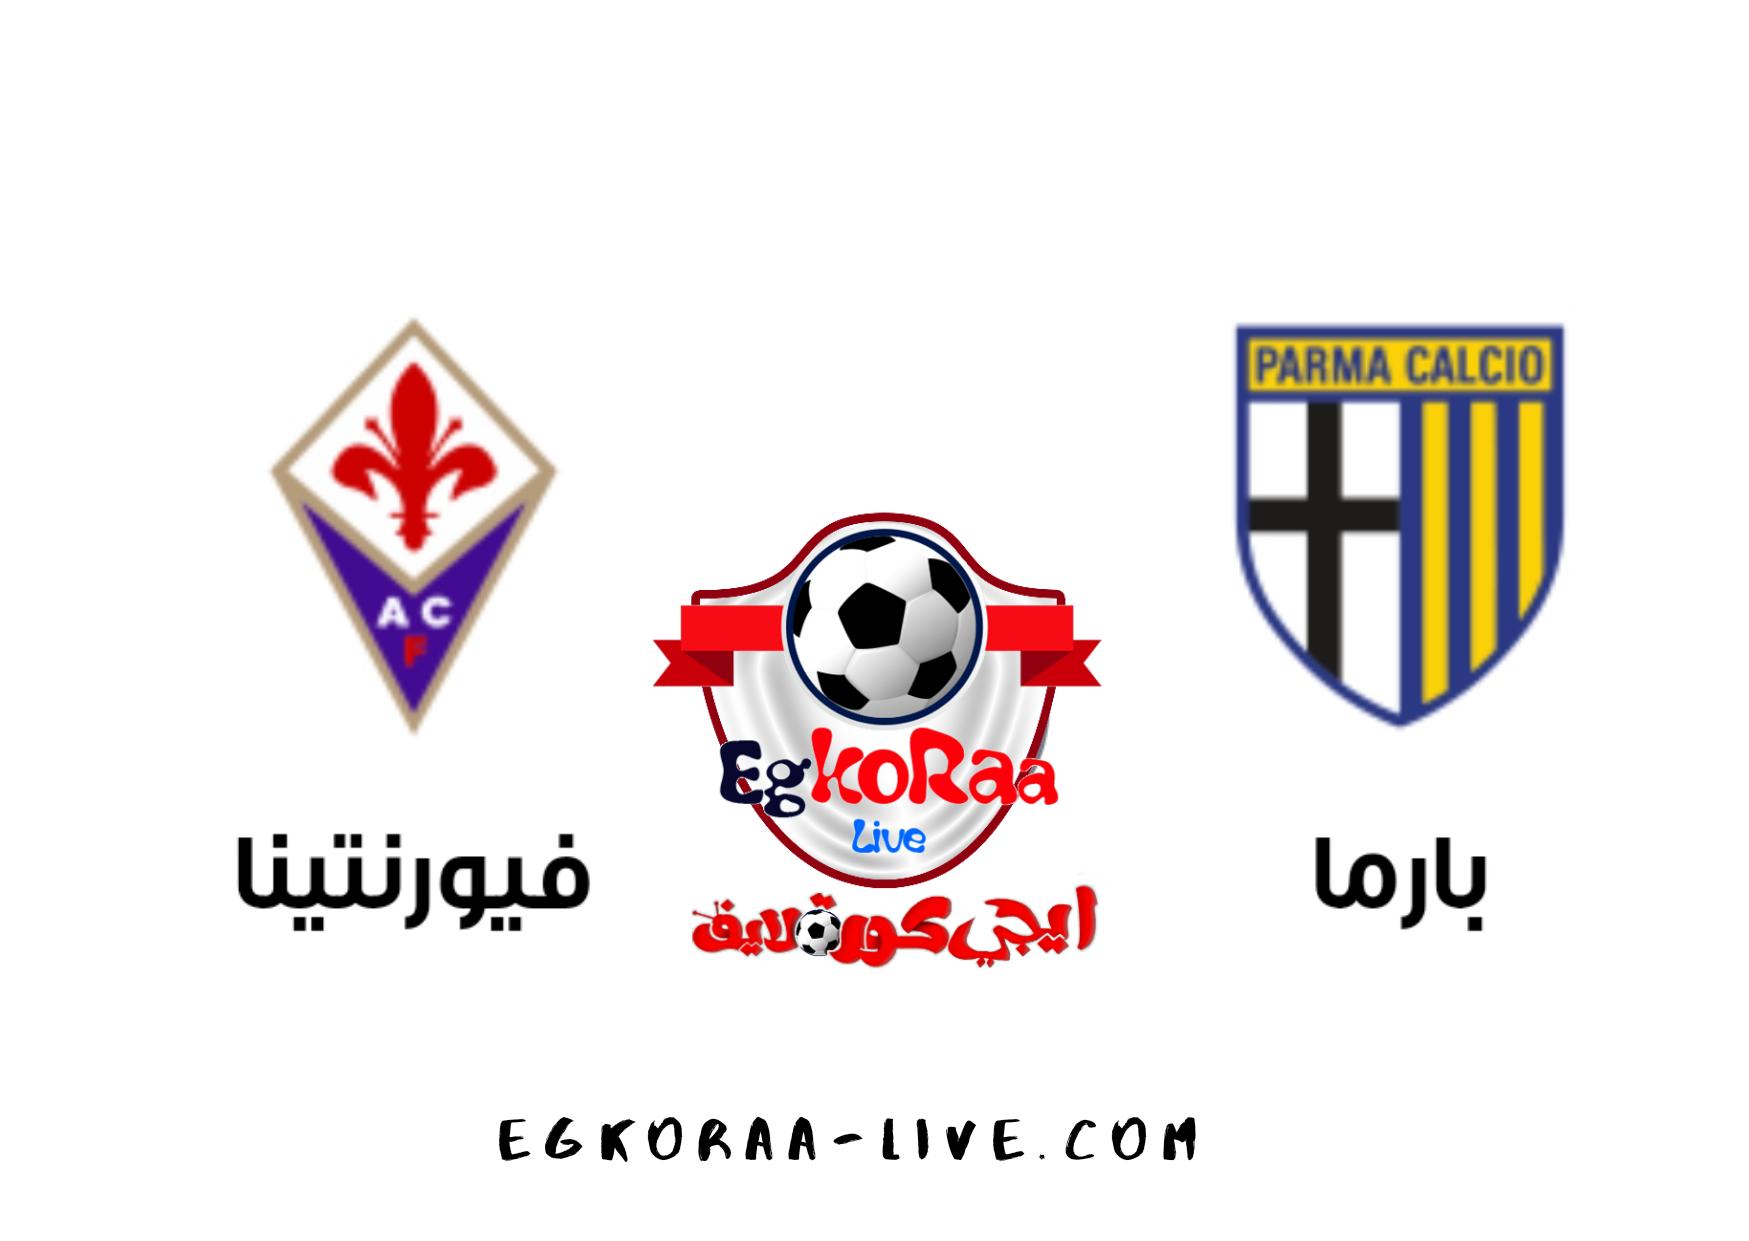 شاهدة مباراة فيورنتينا وبارما بث مباشر اليوم الخميس 5 7 2020 بث مباشر Parma Vehicle Logos Porsche Logo